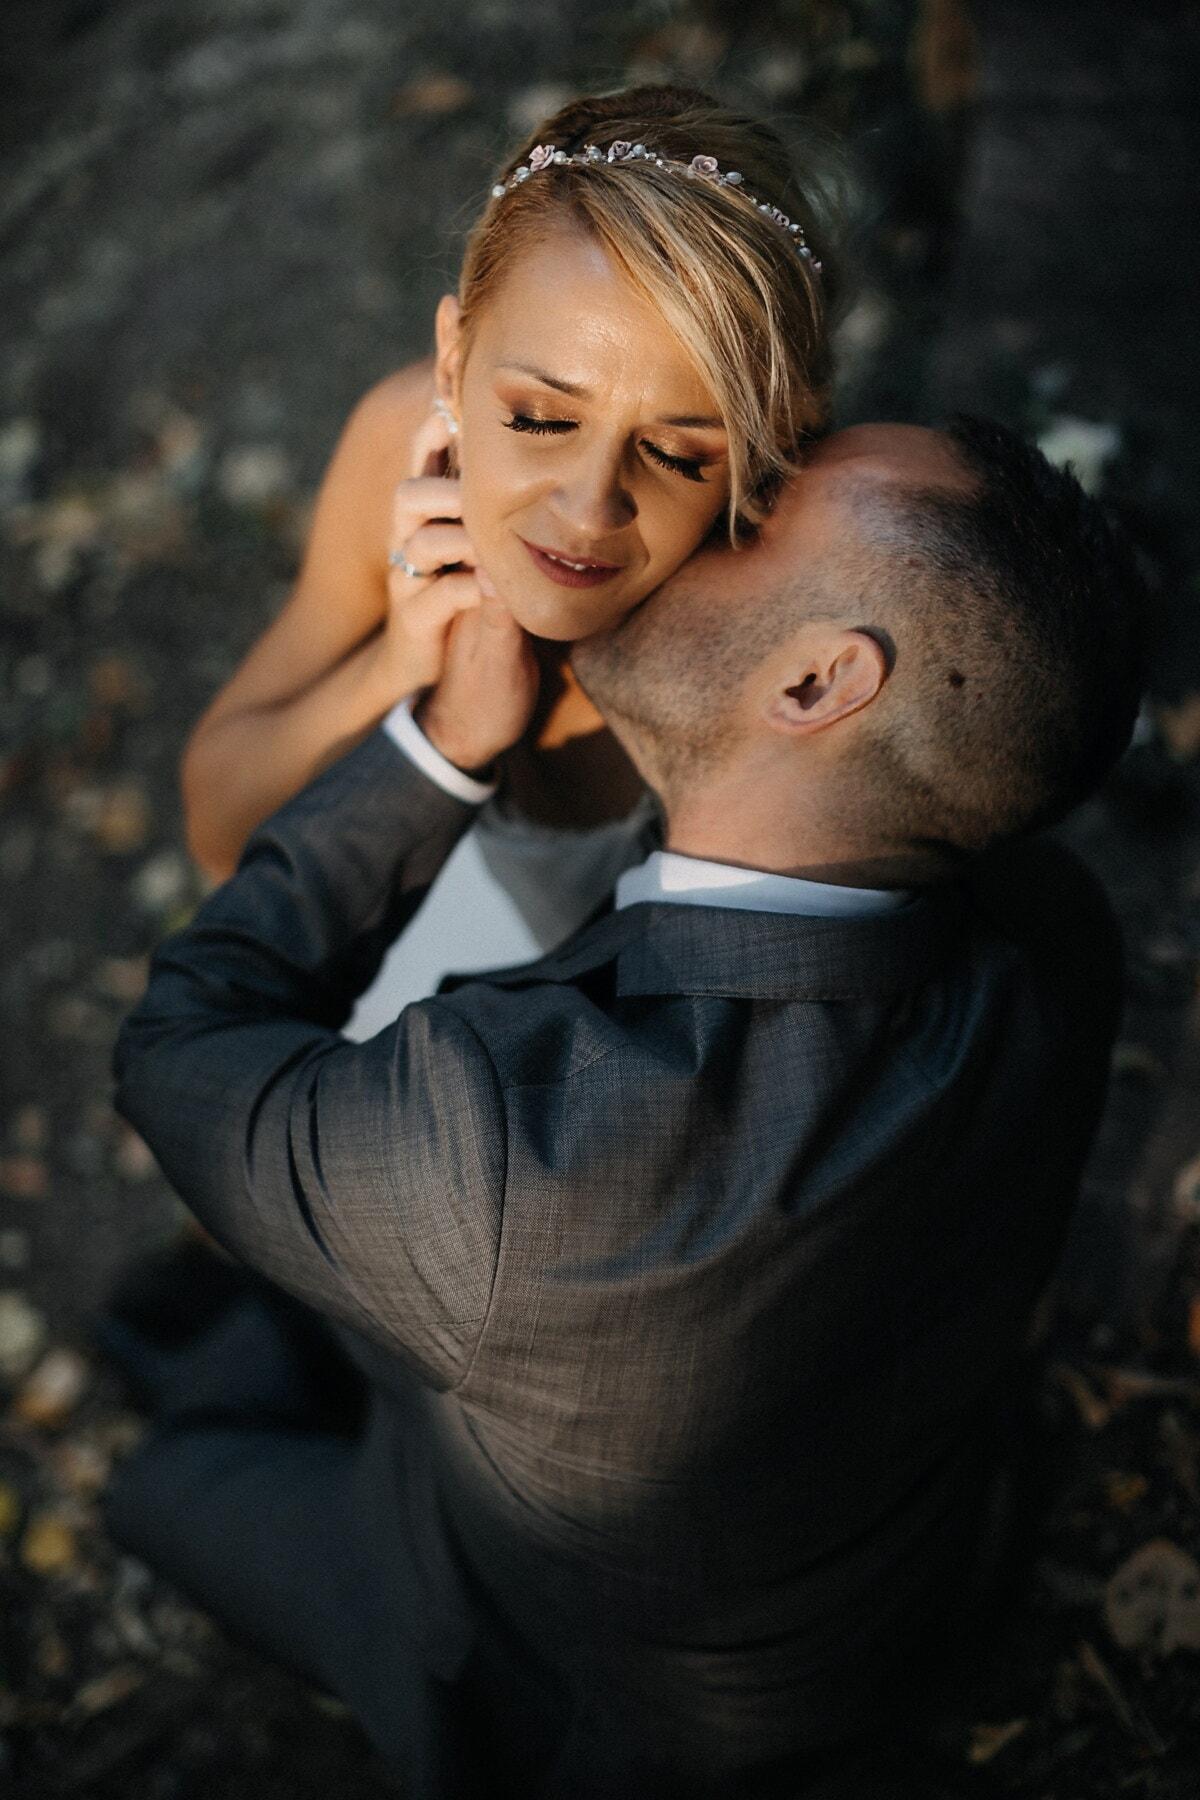 man, Kyss, hals, flickvän, tillgivenhet, ömhet, herre, njutning, lady, kvinna